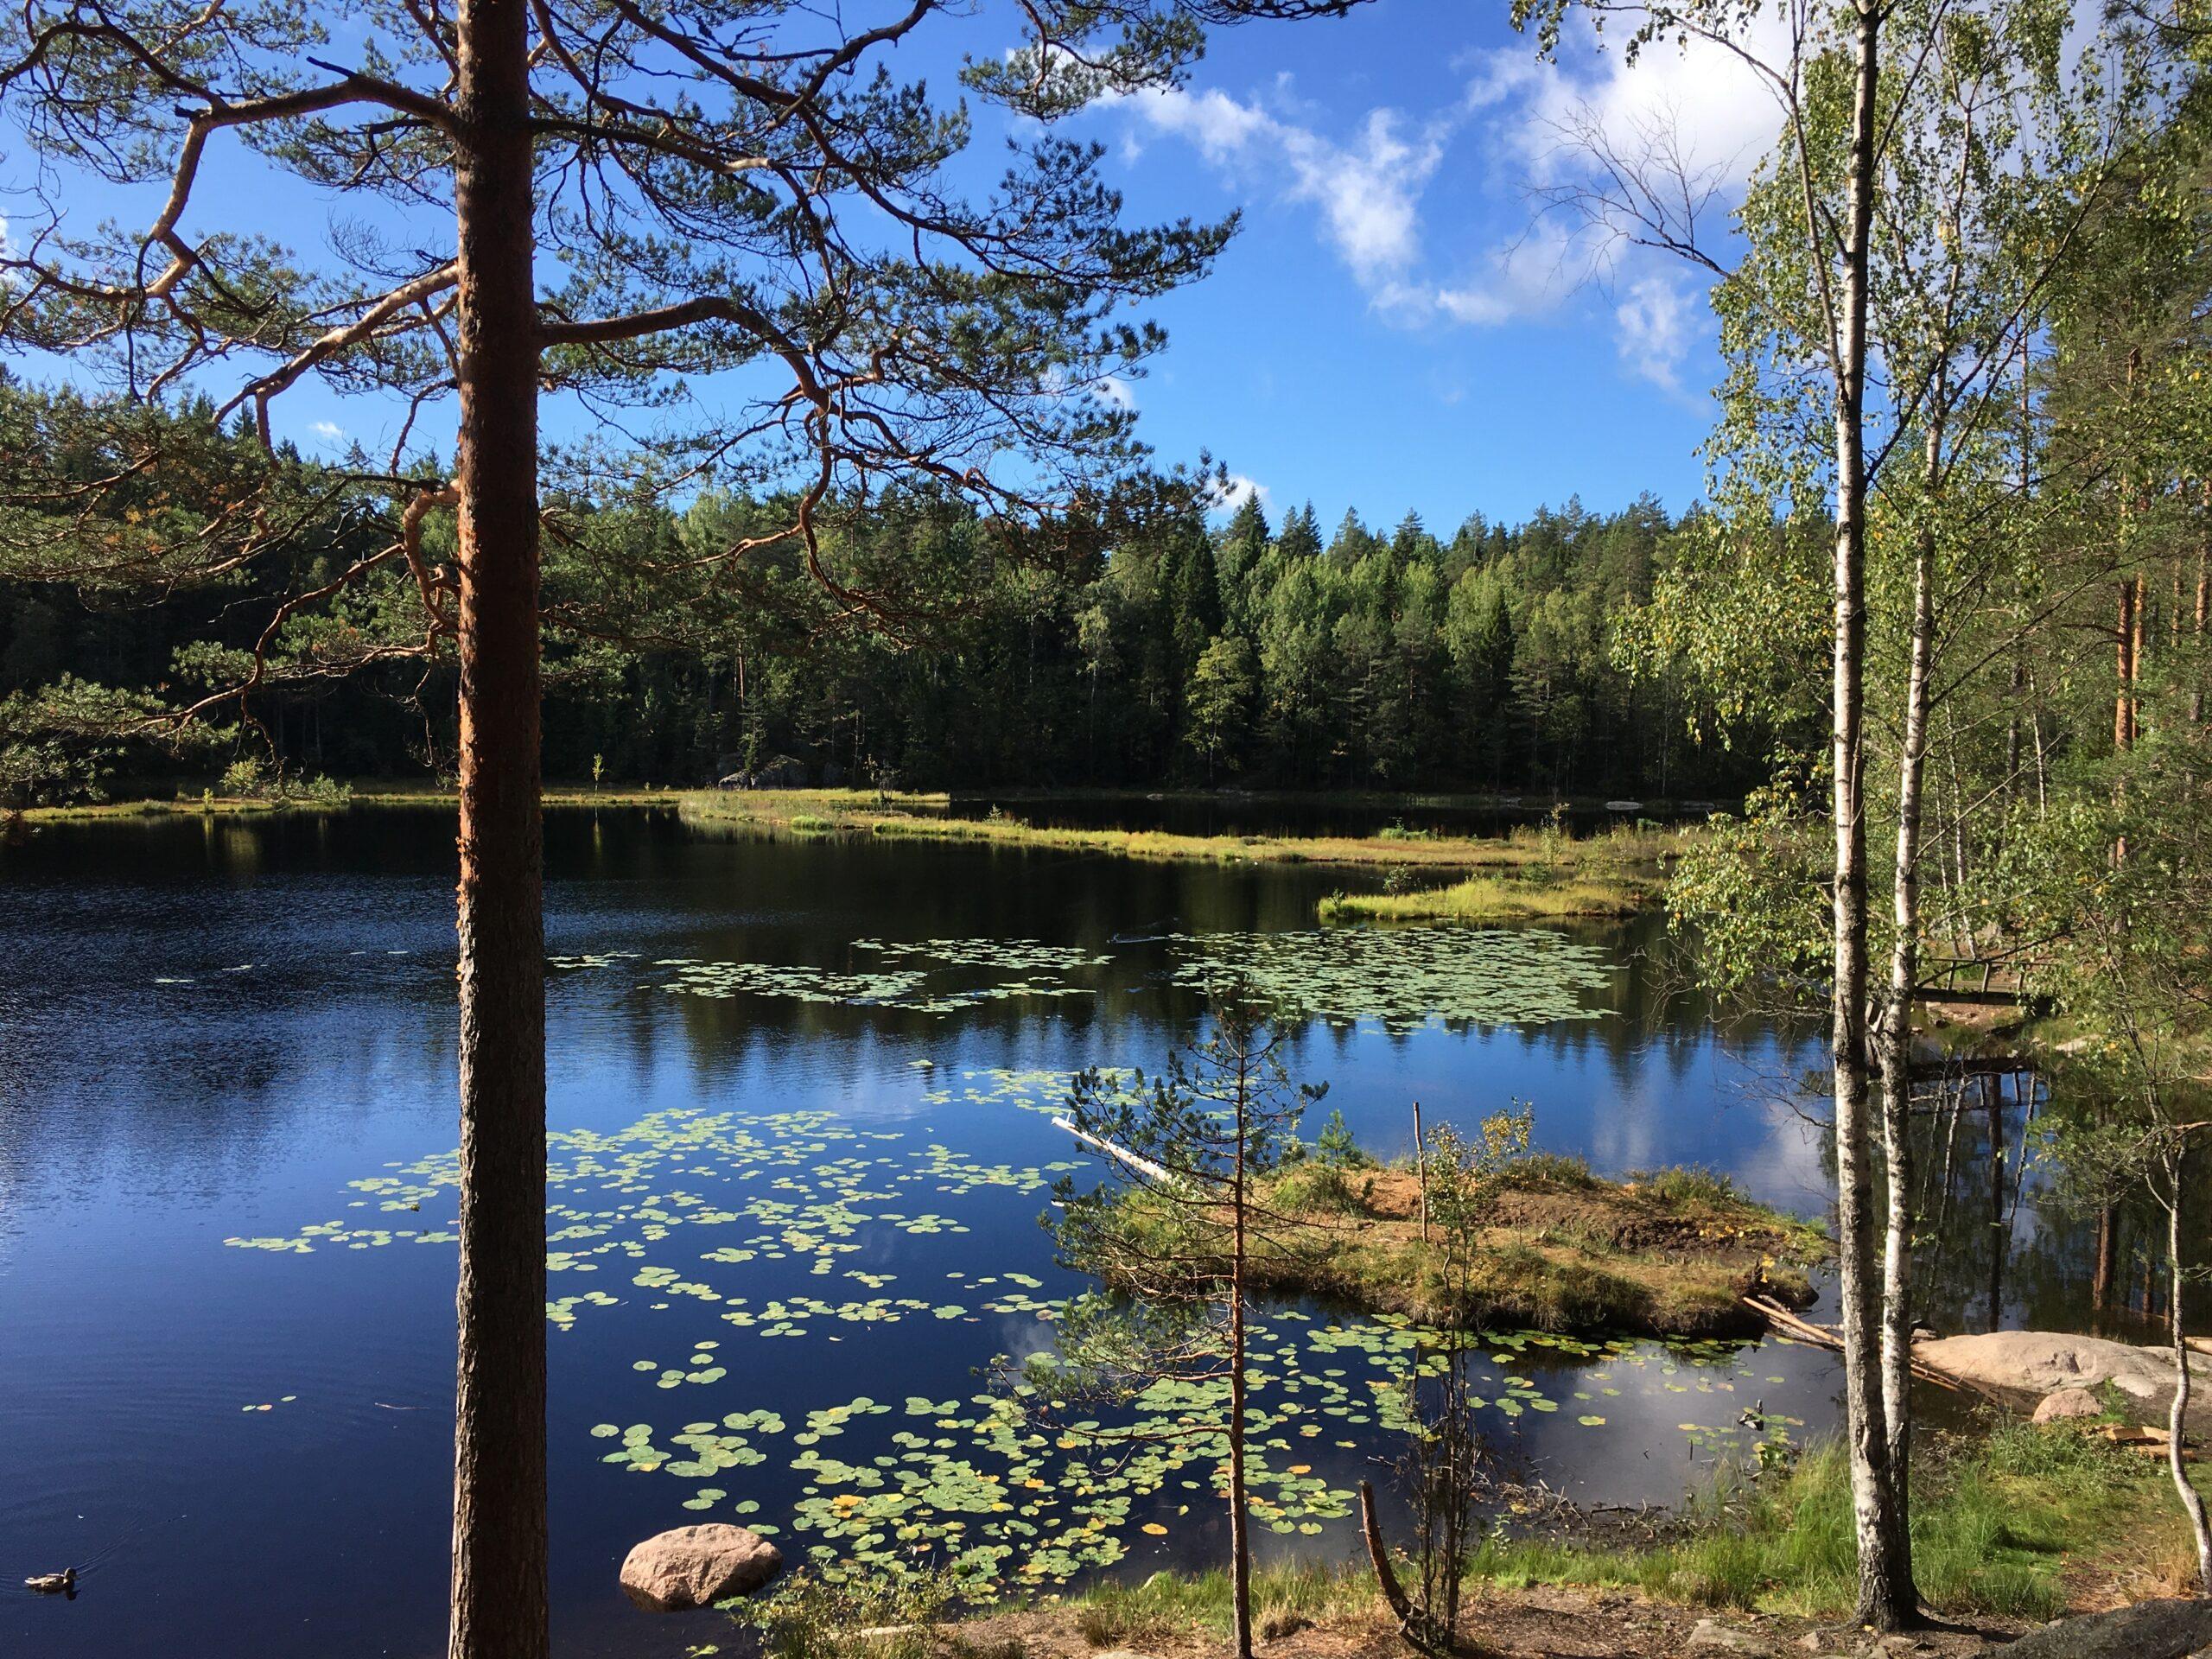 ザ・インタビュー「幸福度世界一に輝く、フィンランドの幸せな生き方」